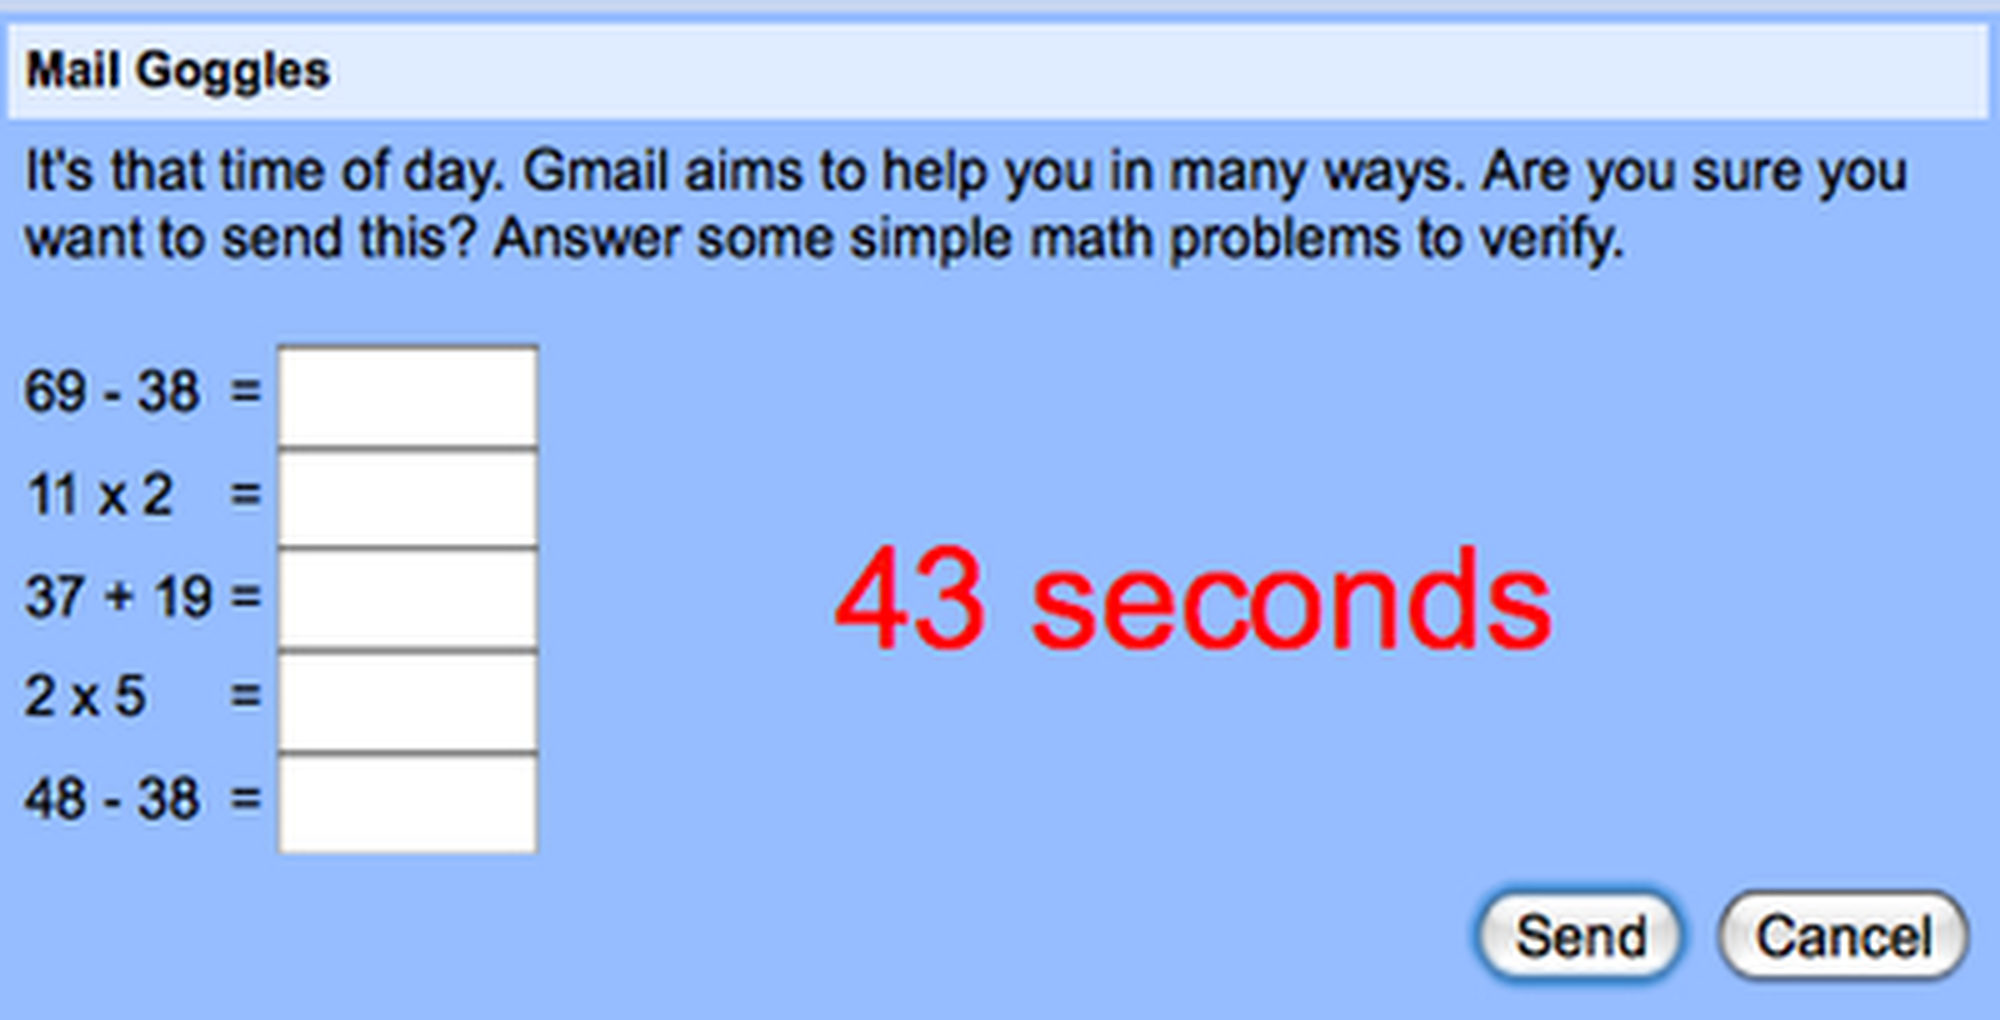 For å få lov til å sende e-post sent i helgene må du løse noen enkle matteoppgaver på tid.